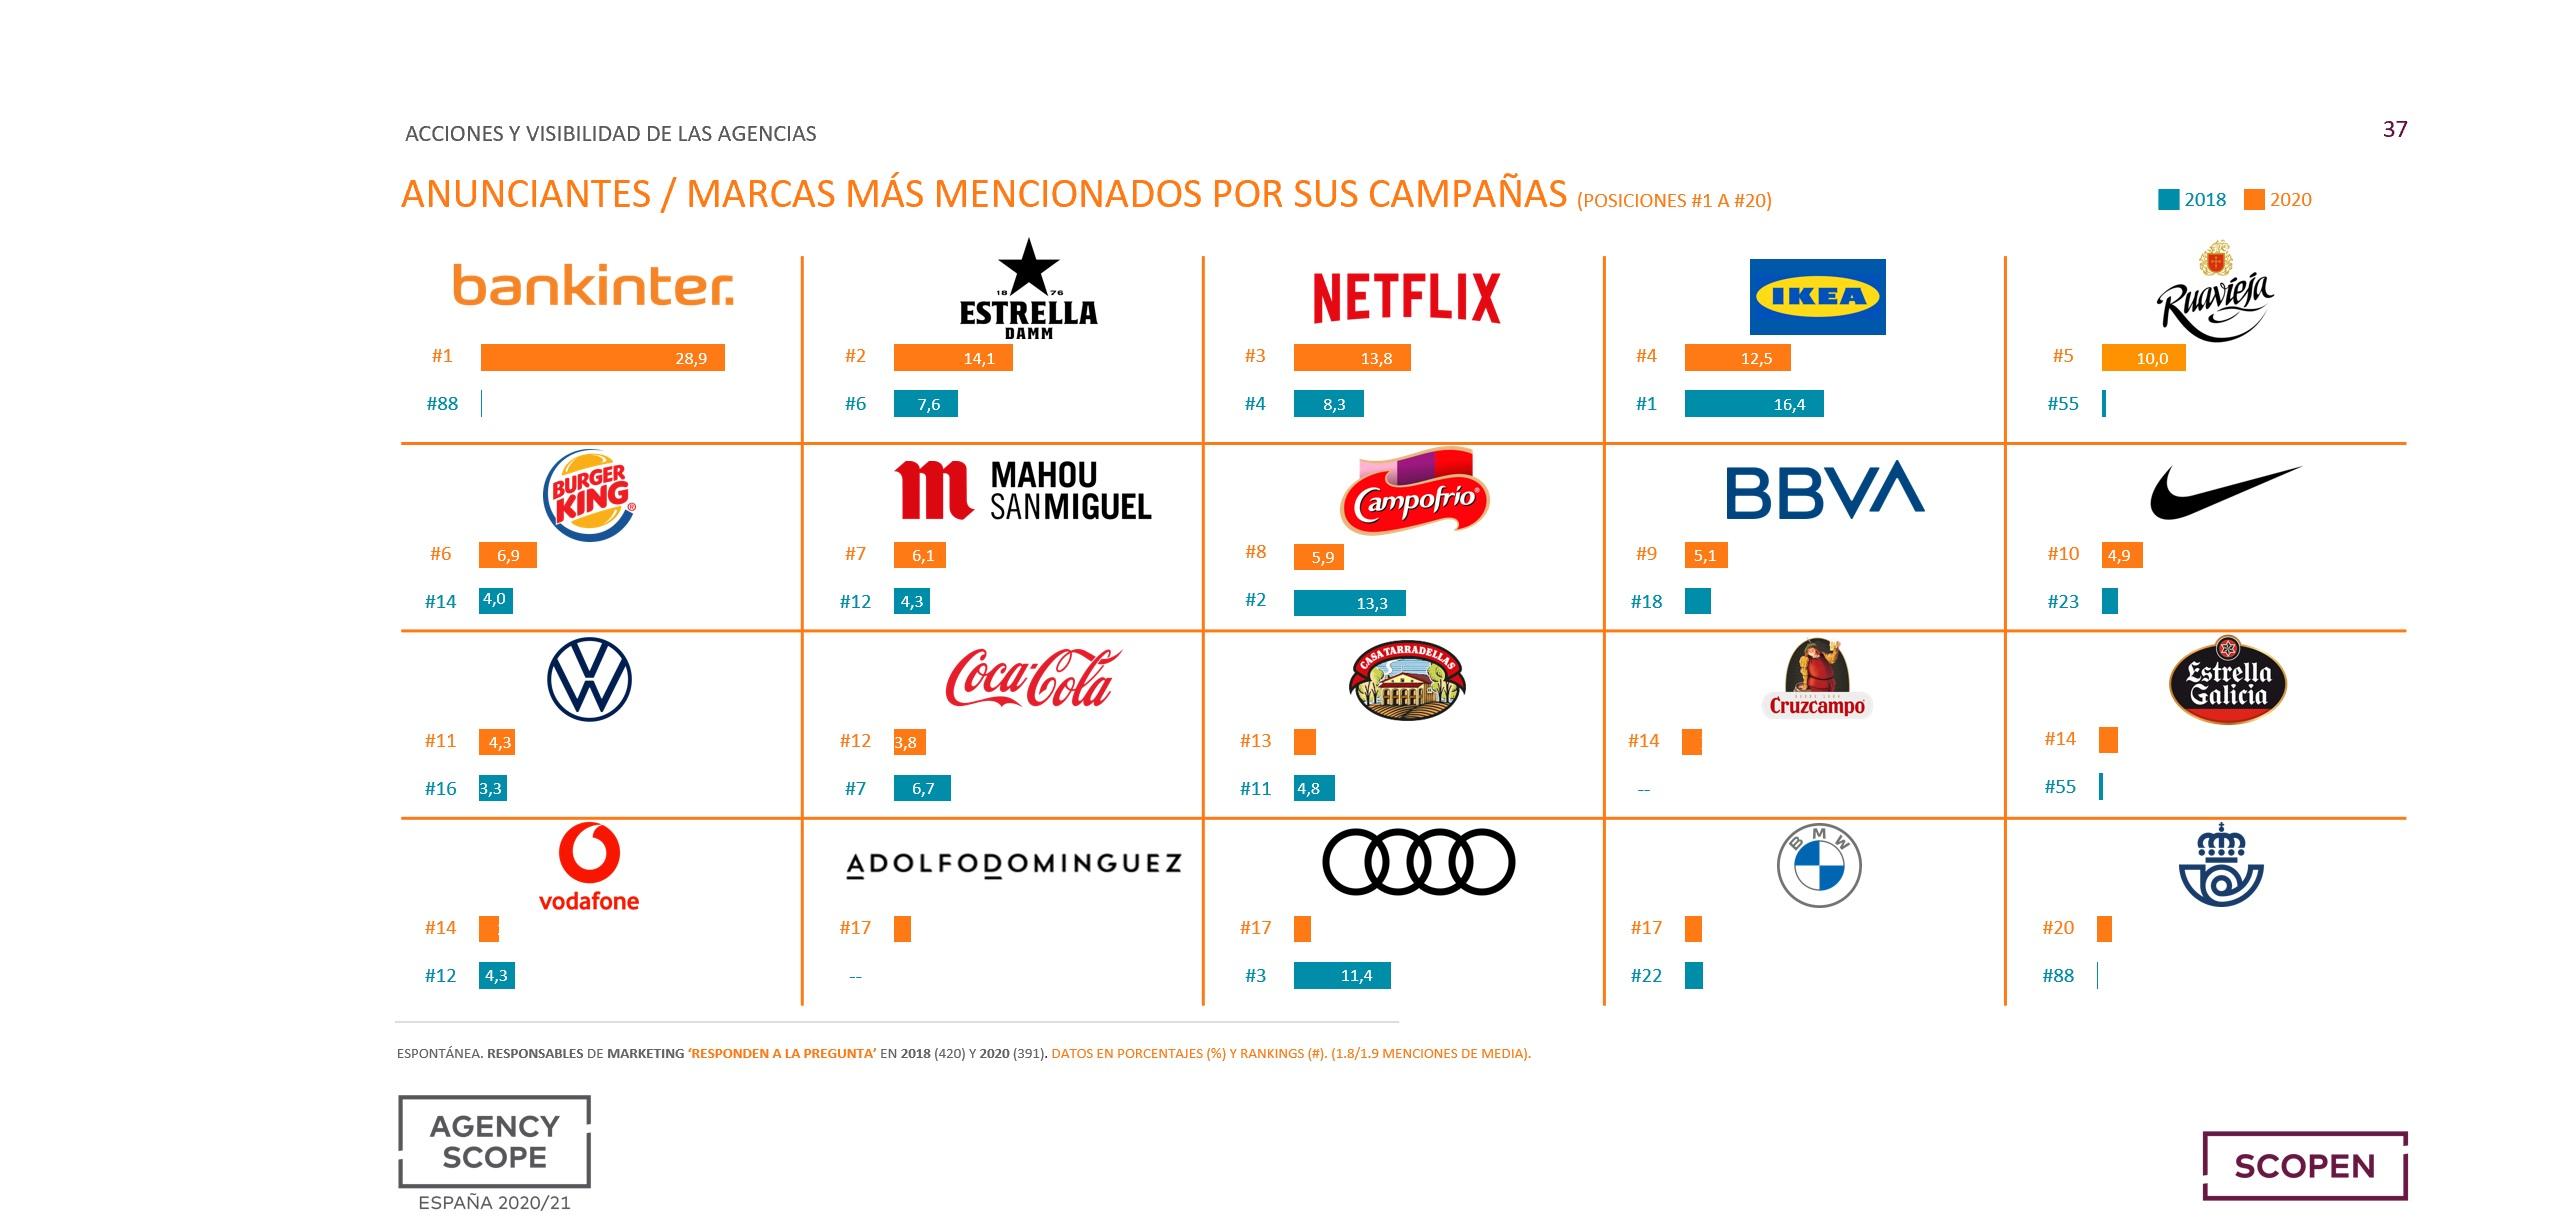 https://www.programapublicidad.com/wp-content/uploads/2021/01/agency-scope-Bankinter-Estrella-Damm-Netflix-marcas-más-destacan-por-campañas-programapublicidad.jpg